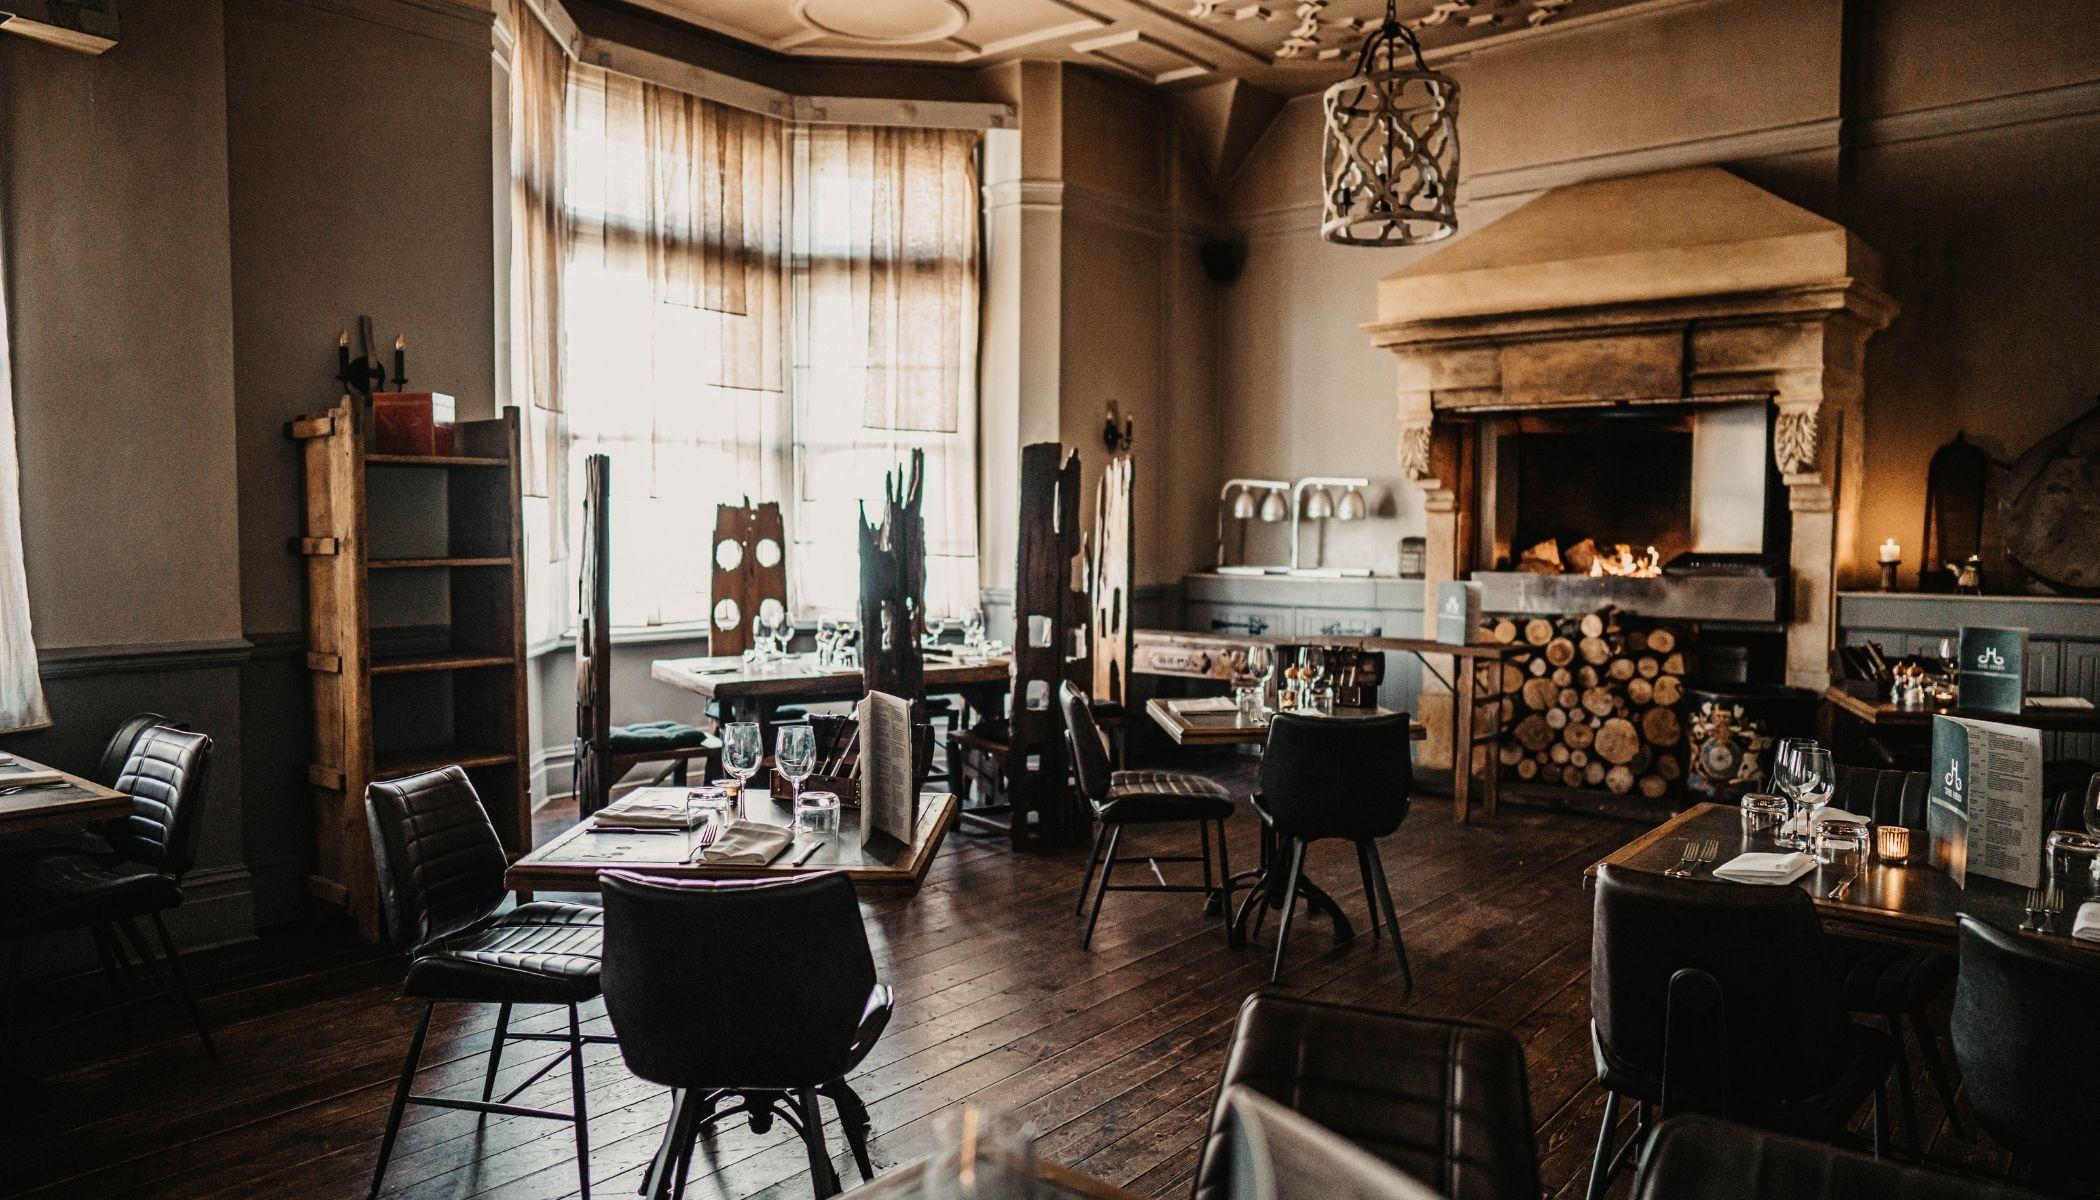 Restaurant in Pangbourne